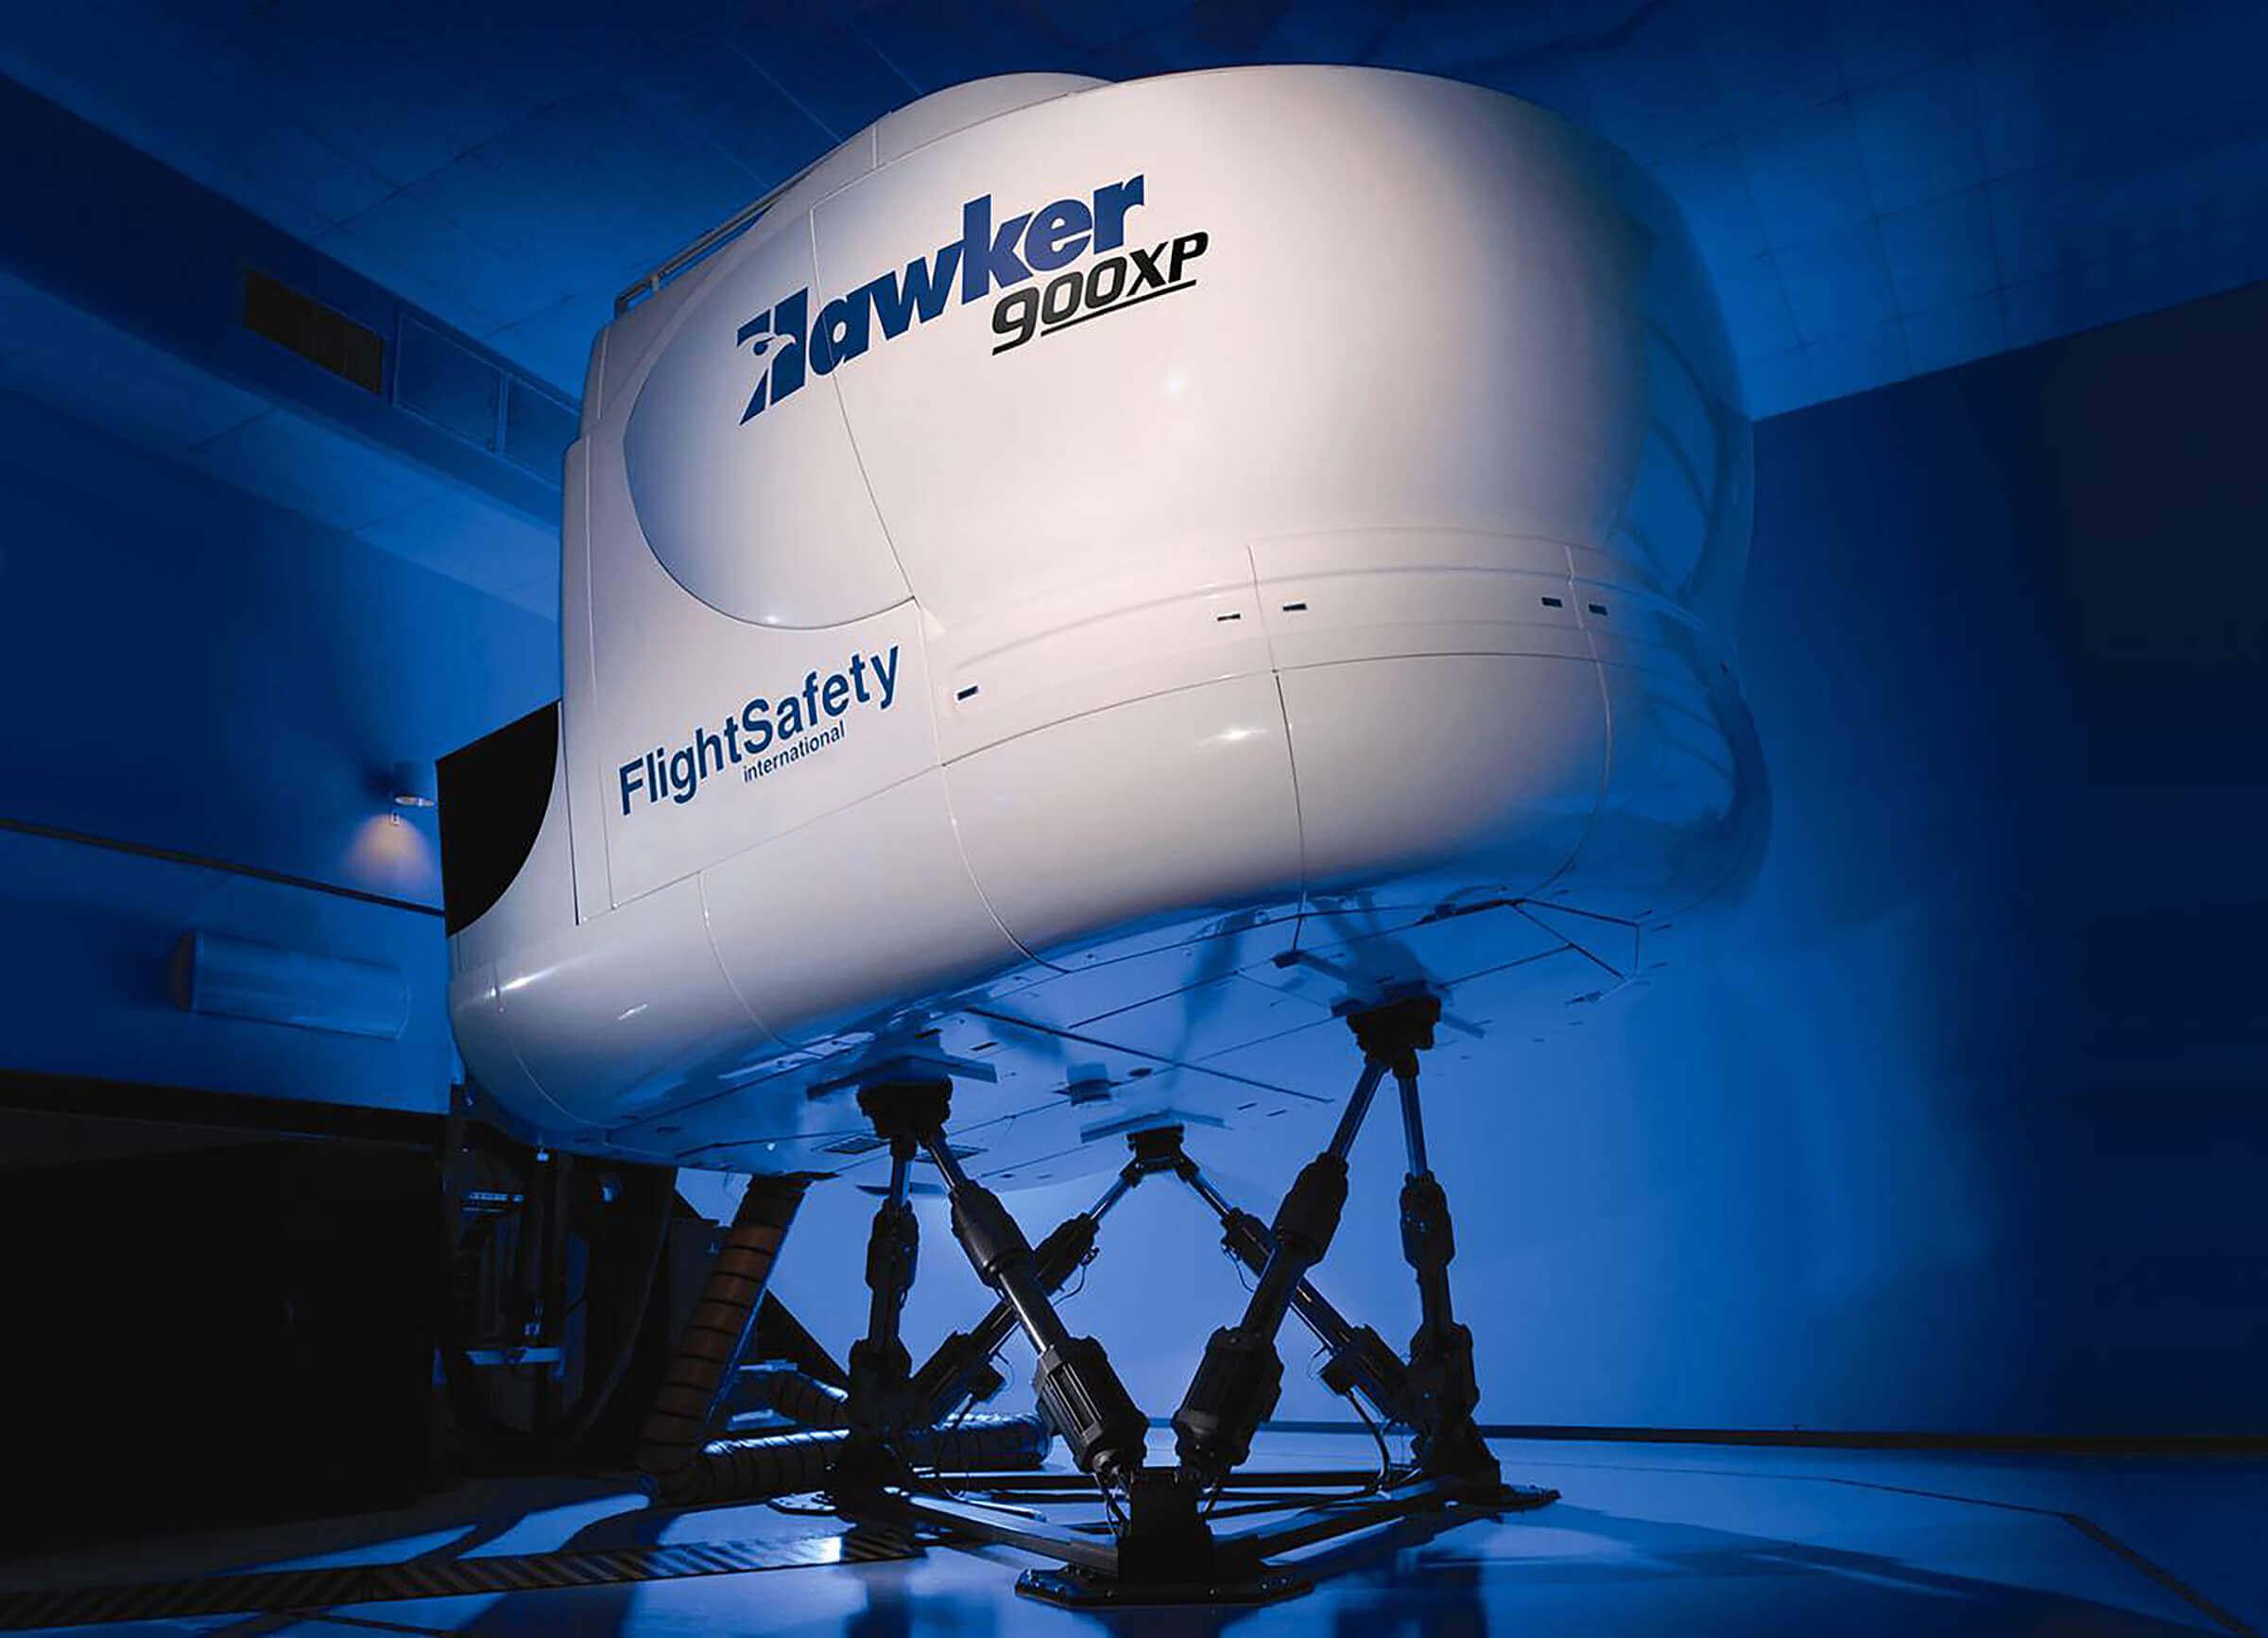 Purdue aviation adds full flight simulator to suite of